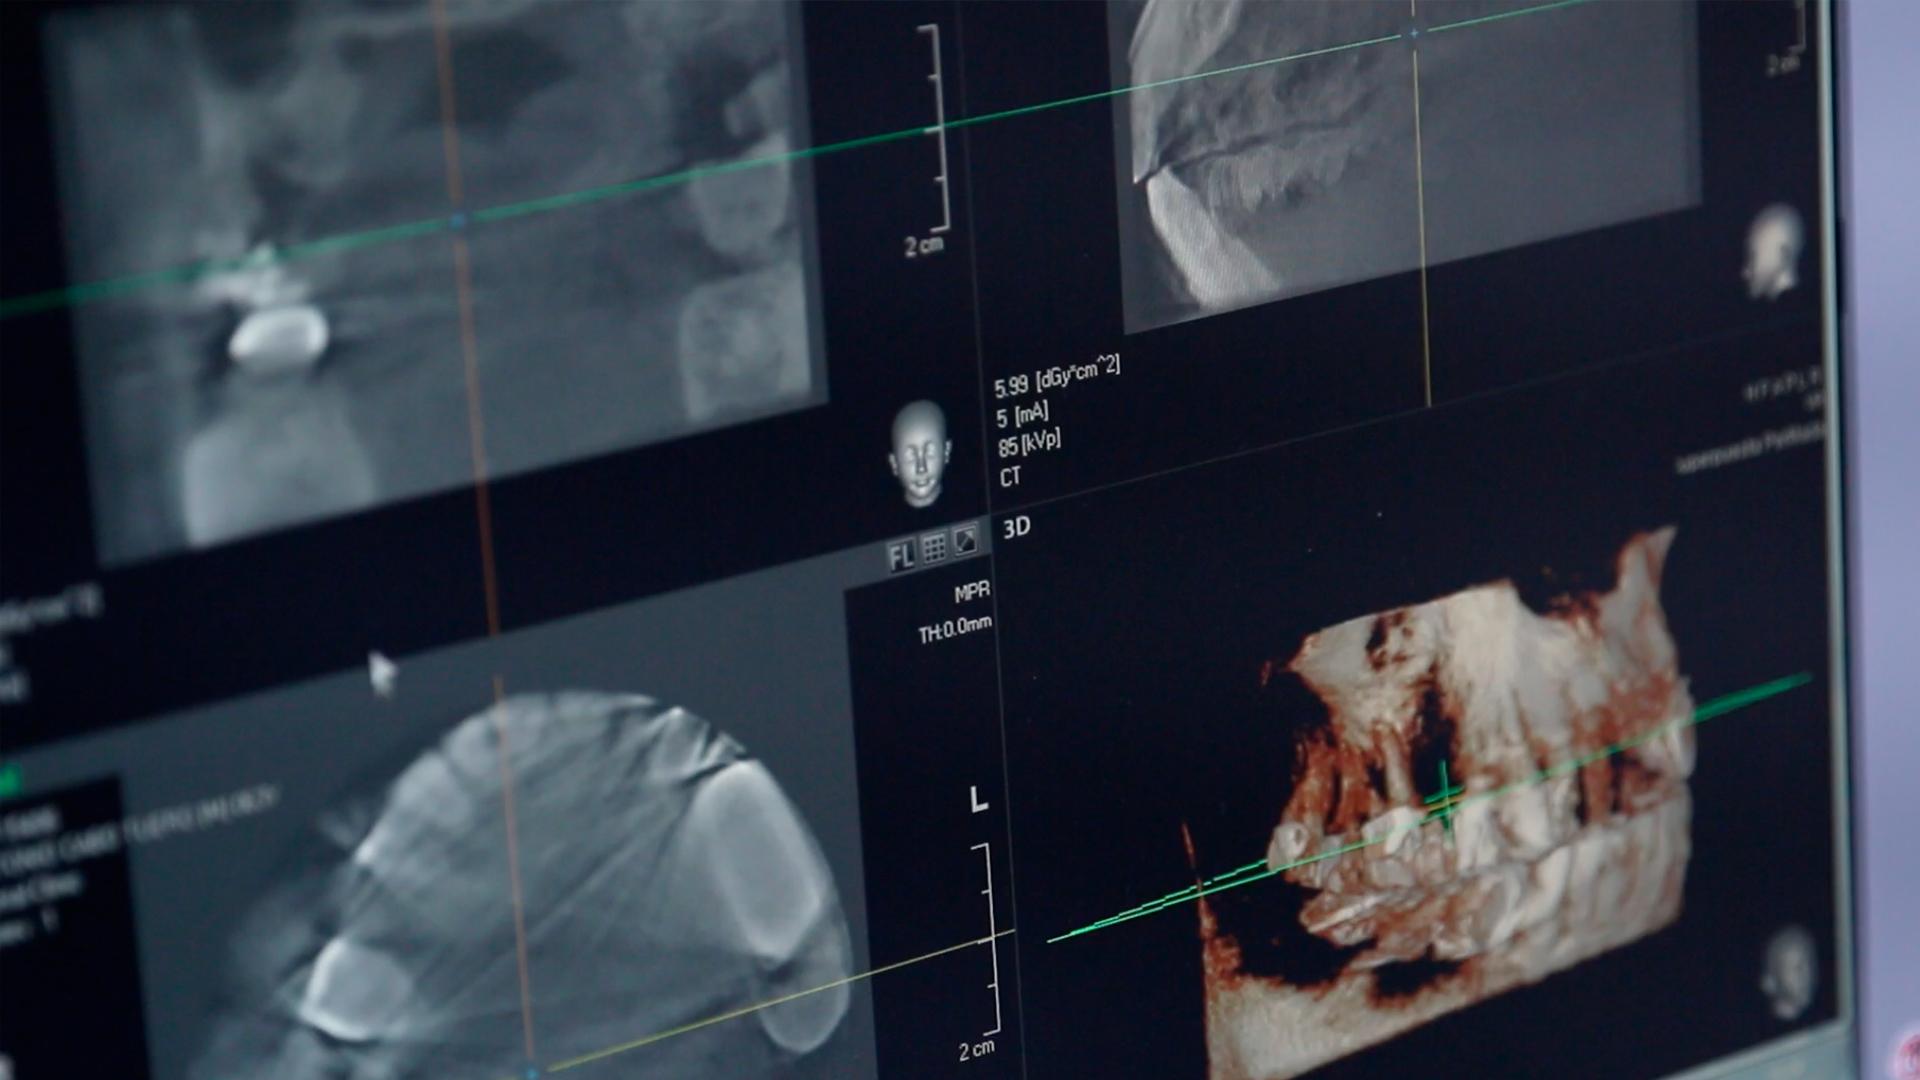 En esta Masterclass<b>Estudio CBCT diagnóstico</b>,impartida por el doctor Pedro Guitián,aprenderás las claves para realizar un buen diagnóstico a través de herramientas como la tomografía computarizada de haz cónico, conocida por sus siglas en inglés <b>CBCT</b> (Cone Beam Computed Tomography). <br /><br /> Realizar un buen diagnóstico es vital y necesario a la hora de elegir un tratamiento adecuado para cada paciente en la clínica dental. Gracias a esta Masterclass <b>Estudio CBCT diagnóstico</b> podrás dominar la utilización del escáner <b>CBCT</b>, un escáner que ha revolucionado la toma de imágenes en el mundo de la medicina y, especialmente, la odontología. Con el <b>CBCT</b> podrás obtener una imagen 3D con proyecciones de todos los ángulos, consiguiendo una imagen holística de los dientes y la mandíbula completa. En definitiva, conocer los posibles usos del <b>CBCT</b> te ayudará a realizar un diagnóstico completo de tus pacientes en la clínica dental, obteniendo mejores resultados y minimizando las complicaciones. <br /><br /> Todas nuestras Masterclass están impartidas por los mayores expertos en odontología. Gracias a nuestra Masterclass<b>Estudio CBCT diagnóstico</b>y otras como esta, que forman parte de la serie<b>Diagnóstico en Implantología</b>,podrás desarrollar y actualizar tus conocimientos sobrelas últimas tecnologías para el diagnóstico implantológico, como el <b>CBCT</b>,alcanzando una formación avanzada y permitiéndote profundizar enlos aspectos a tener en cuenta a la hora de realizar un diagnóstico con criterios científicos y de excelencia, abordando las últimas tendencias y técnicas más actuales en el sector odontológico. <br /><br /> Desde Knotgroup Dental Institute te invitamos a que explores a través de nuestra web y encuentres otras masterclass como <b>Estudio CBCT diagnóstico</b> para actualizar tus conocimientos y aplicarlos a tu clínica dental, así como la amplia gama de cursos que ofrecemos también sobre el <b>CBCT</b>, impartidos por